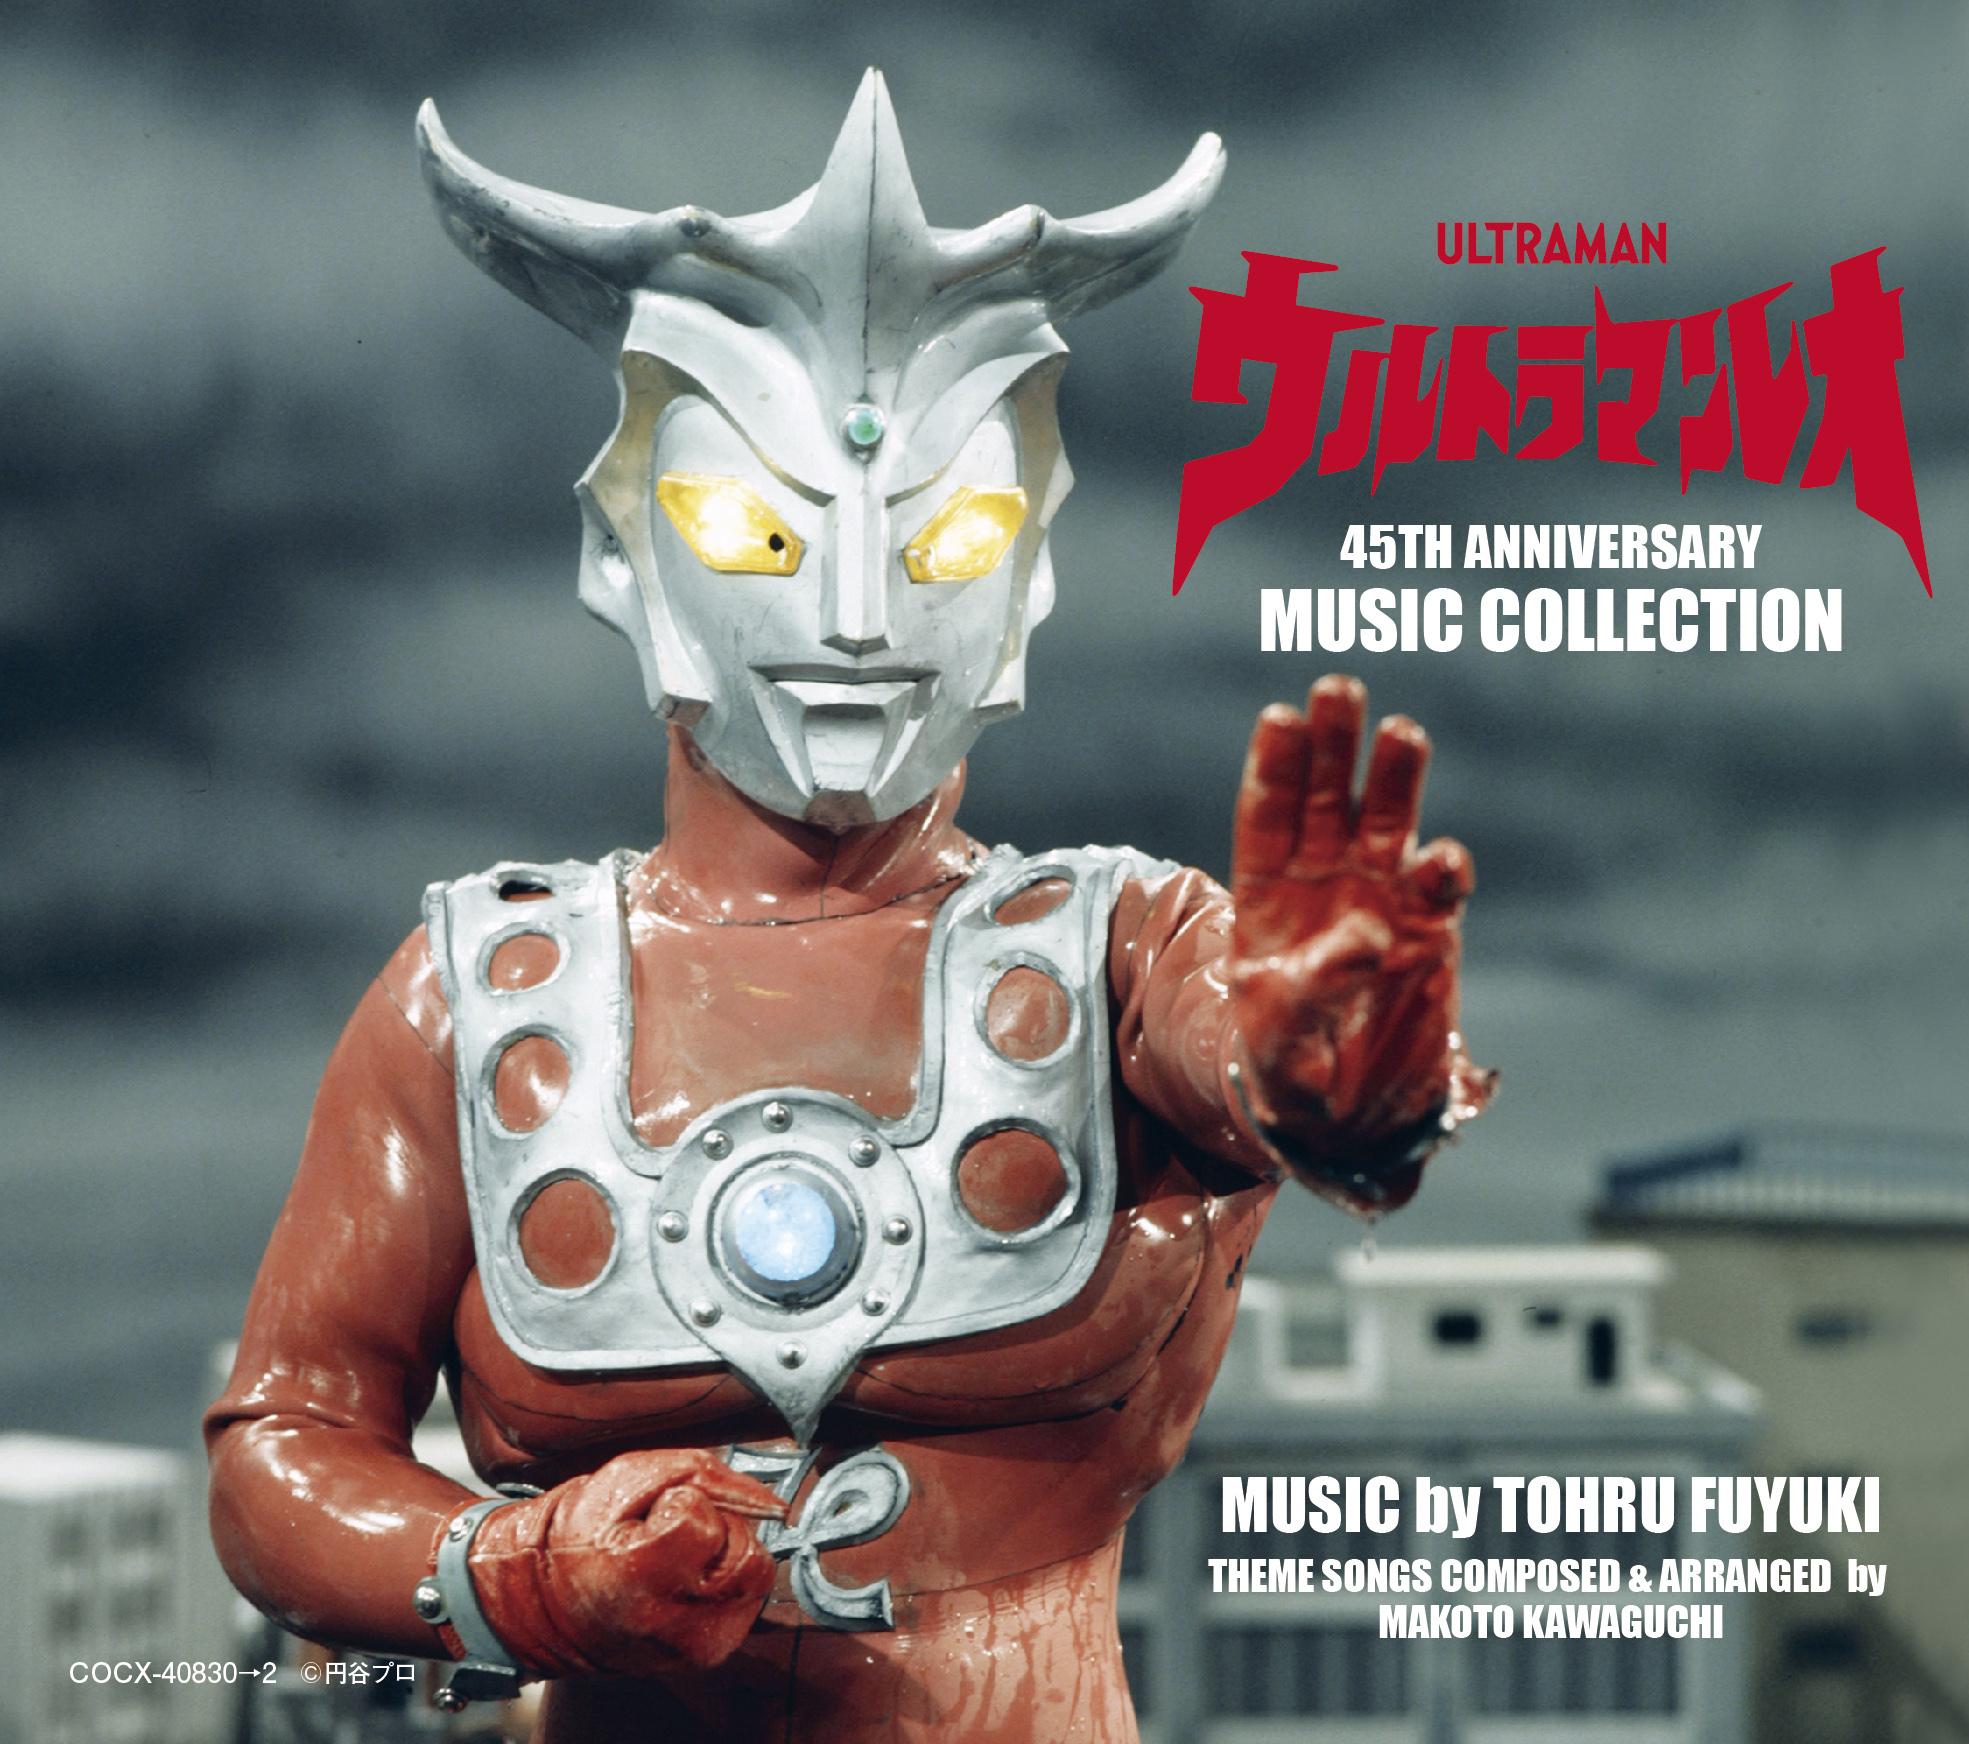 『ウルトラマンレオ』音楽アーカイヴ3枚組CDボックス (C)円谷プロ